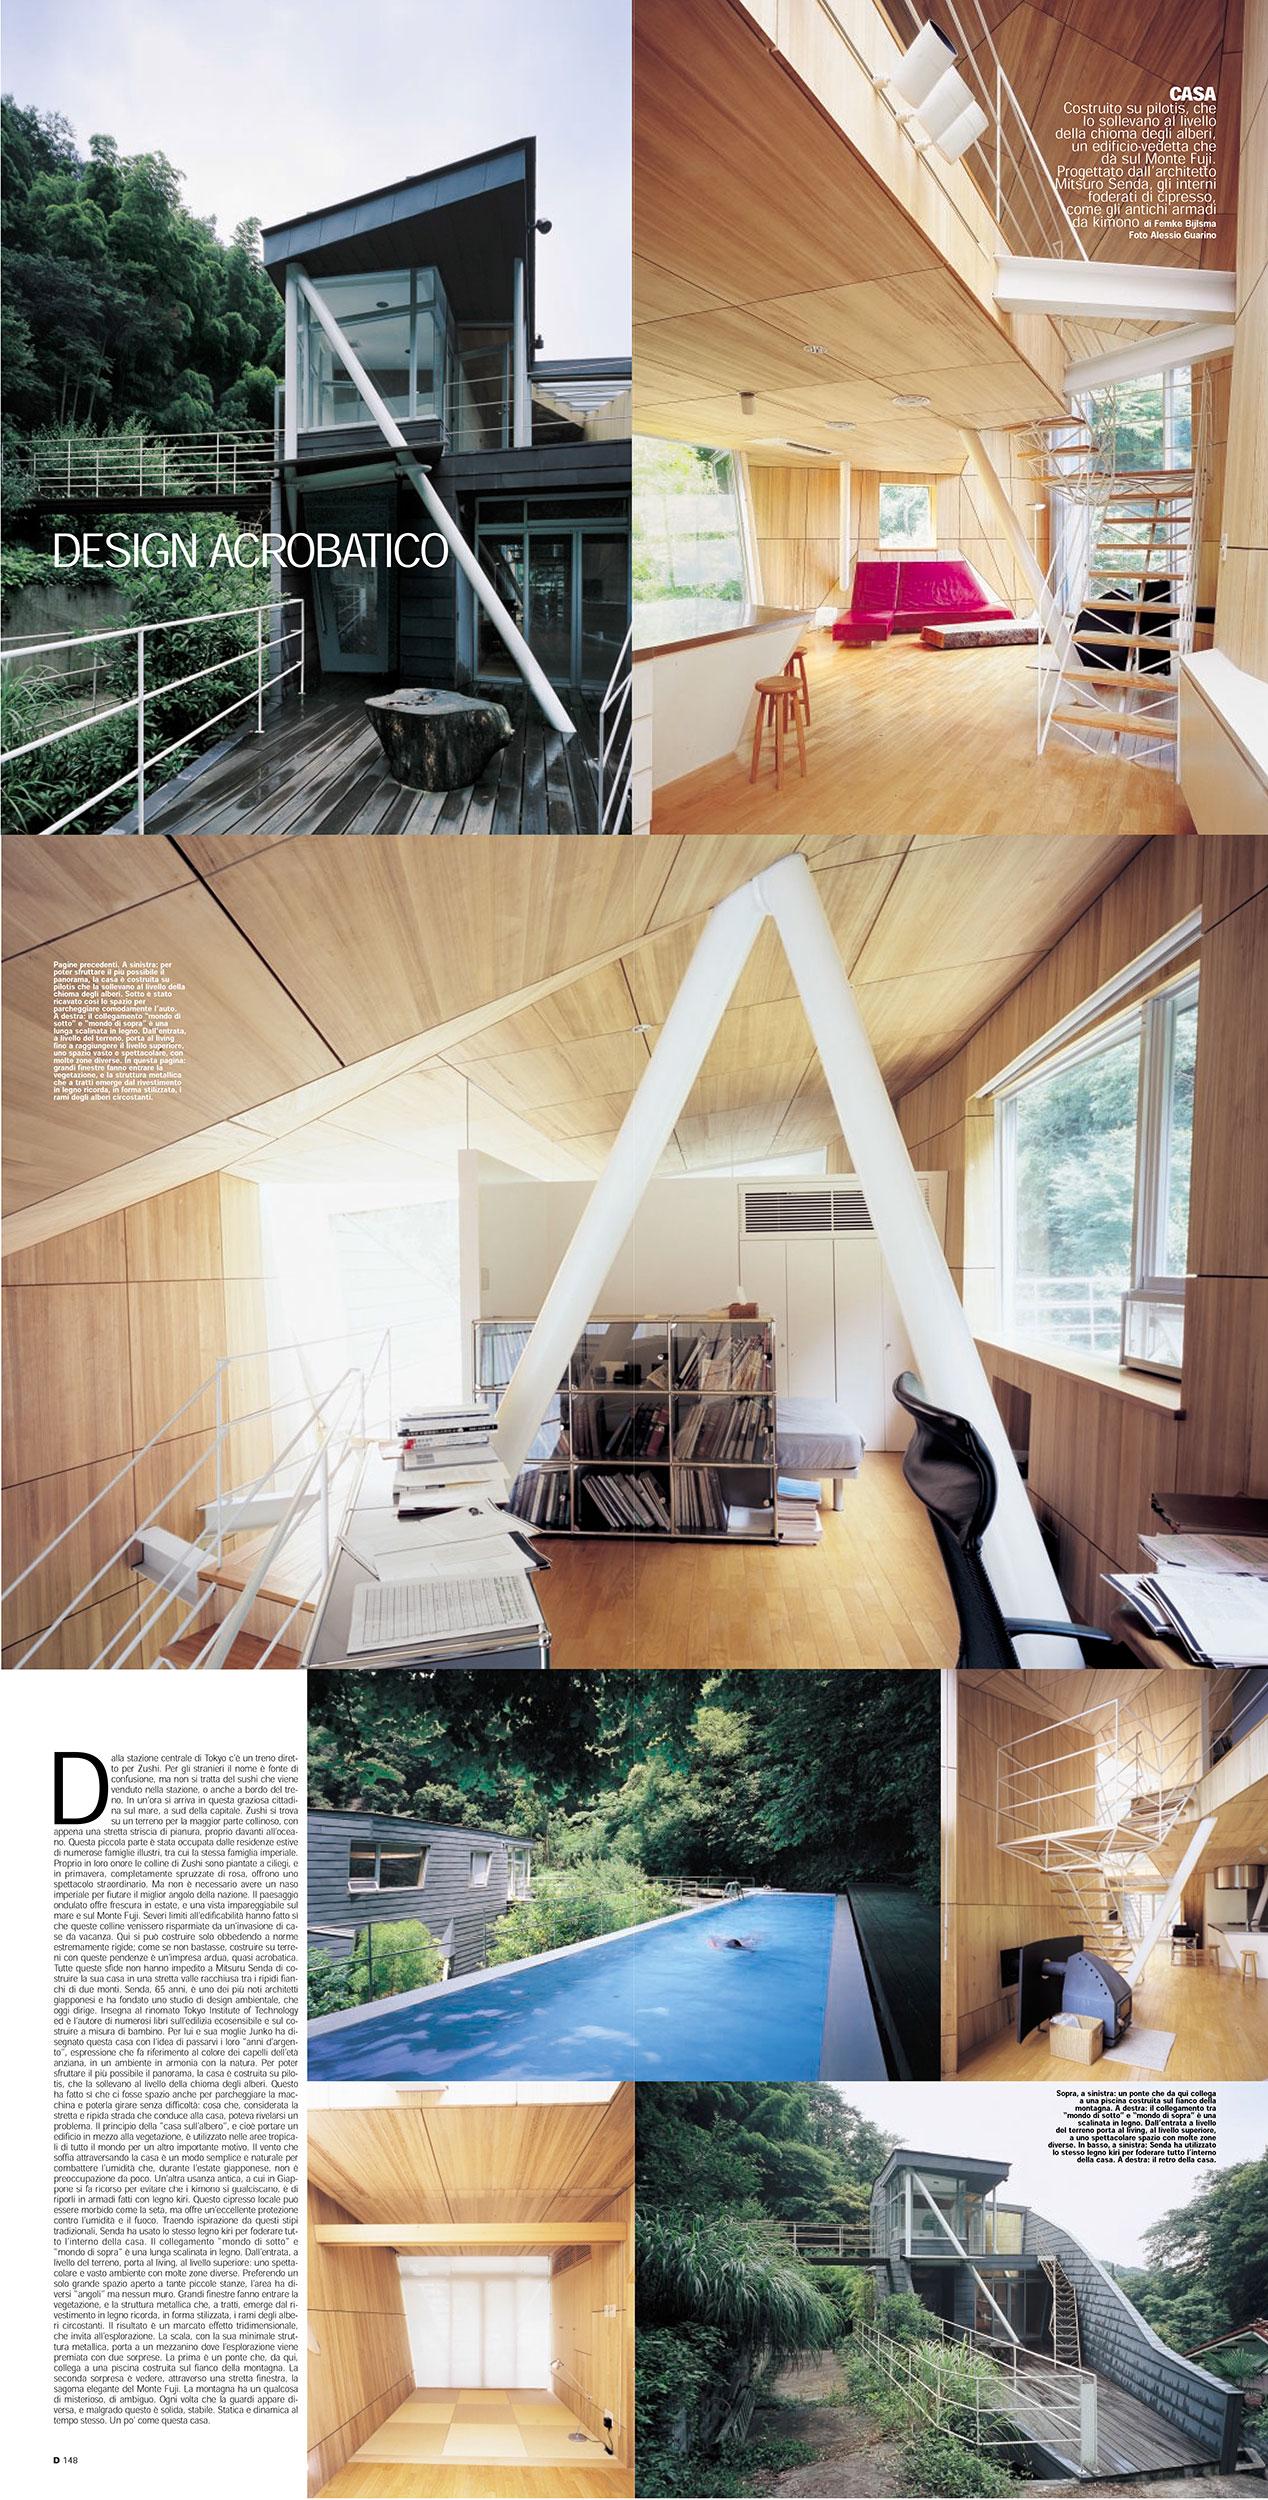 Rivestimento Casa In Legno design acrobatico | alessio guarino・film & photography